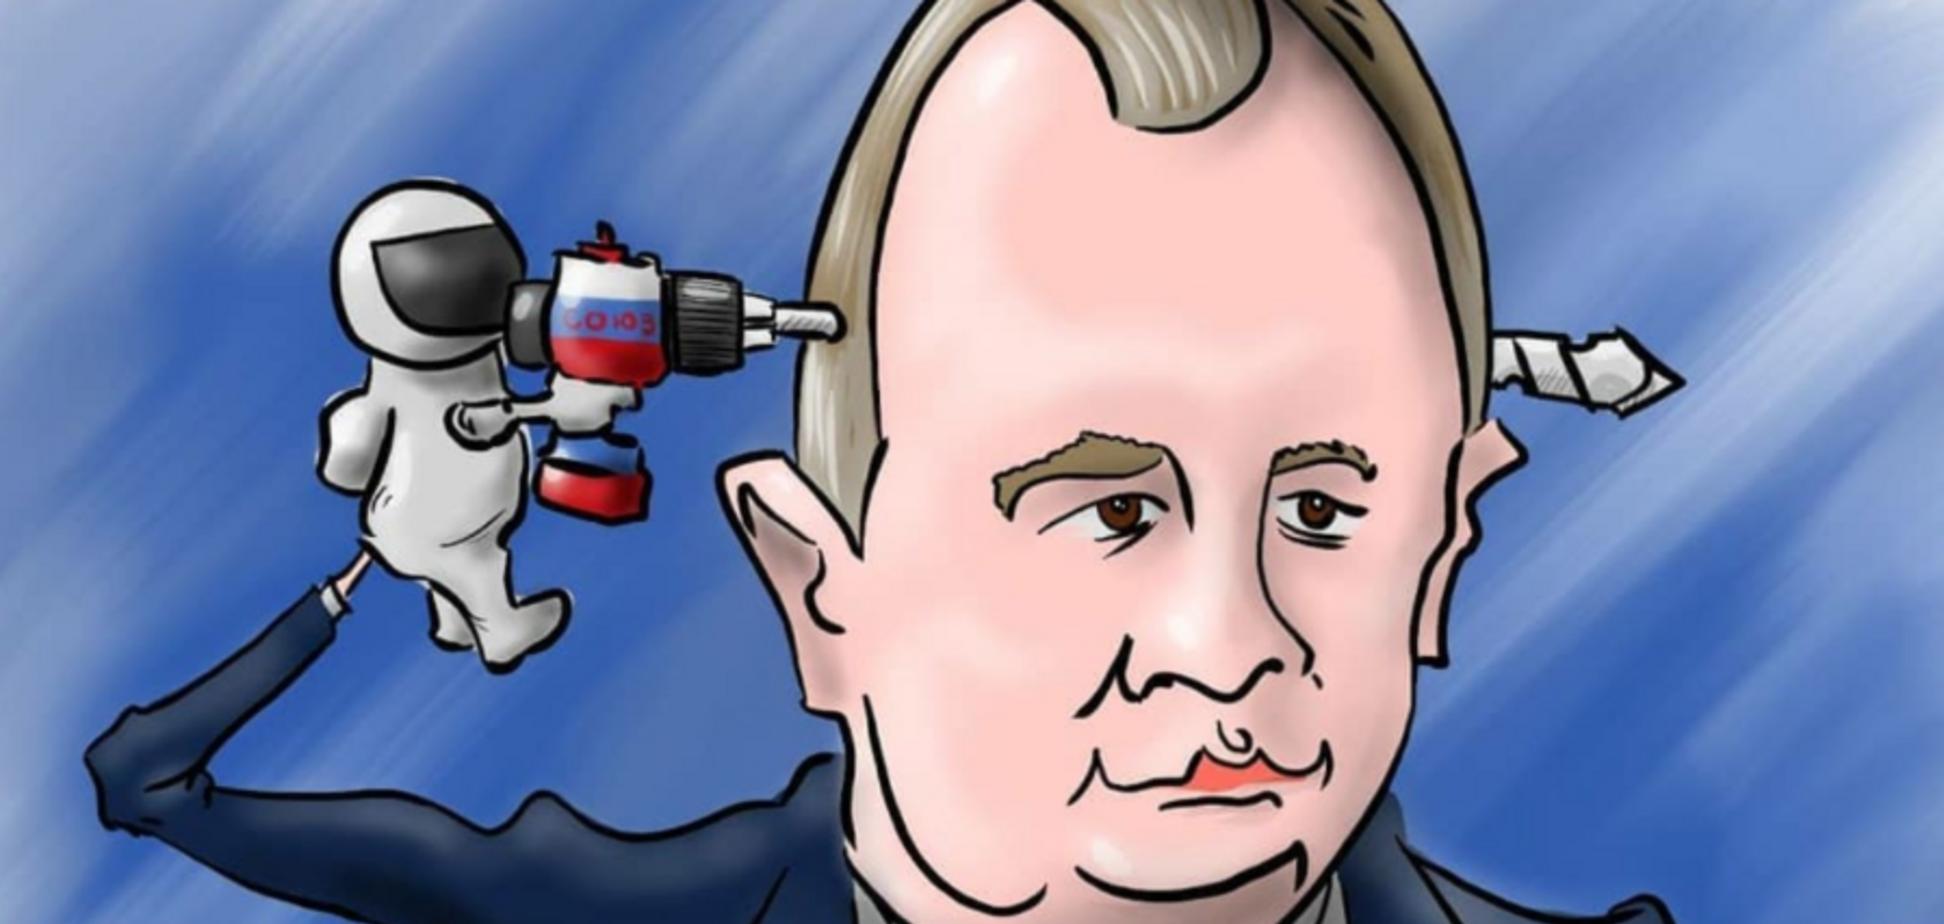 Маск відповів на жарт Рогозіна про батут шестирічної давності